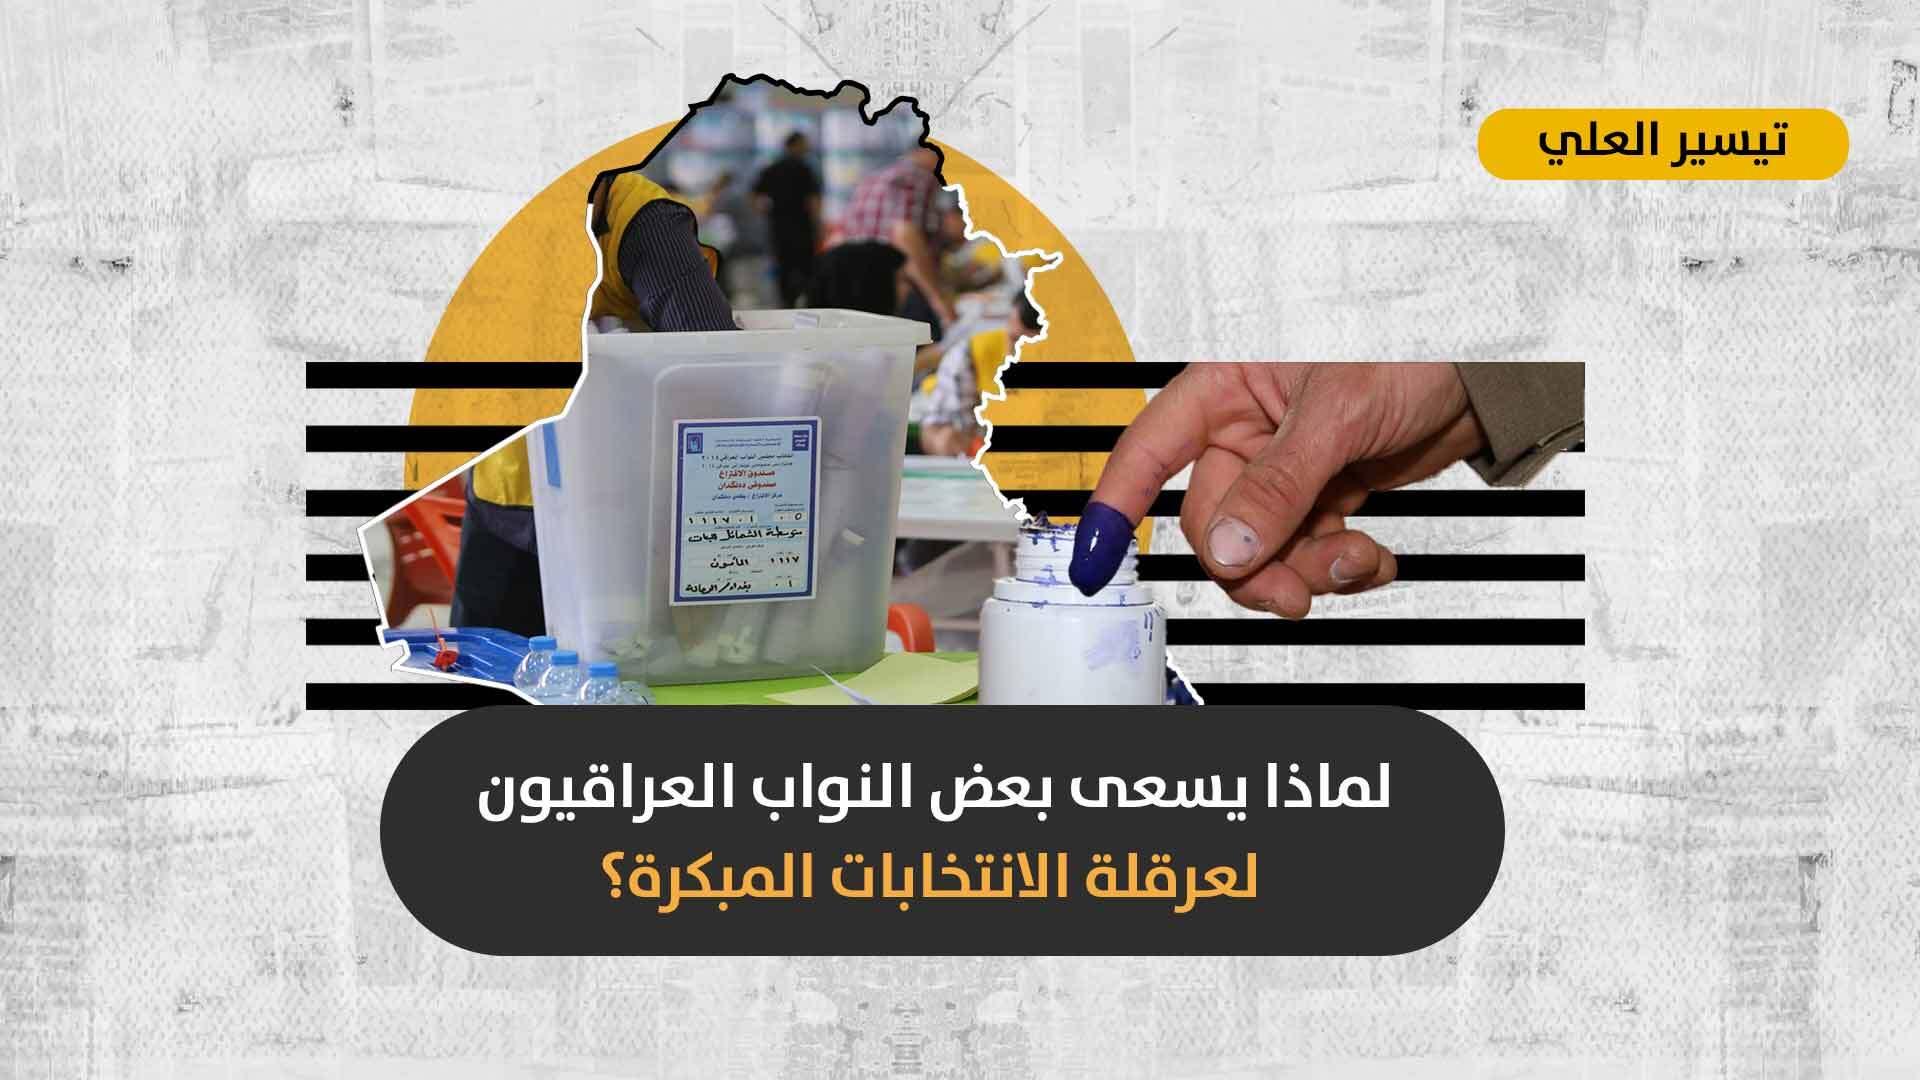 بعد الطعن في القانون الانتخابي: ماذا سيحدث في العراق إذا تأجّلت الانتخابات المبكرة؟